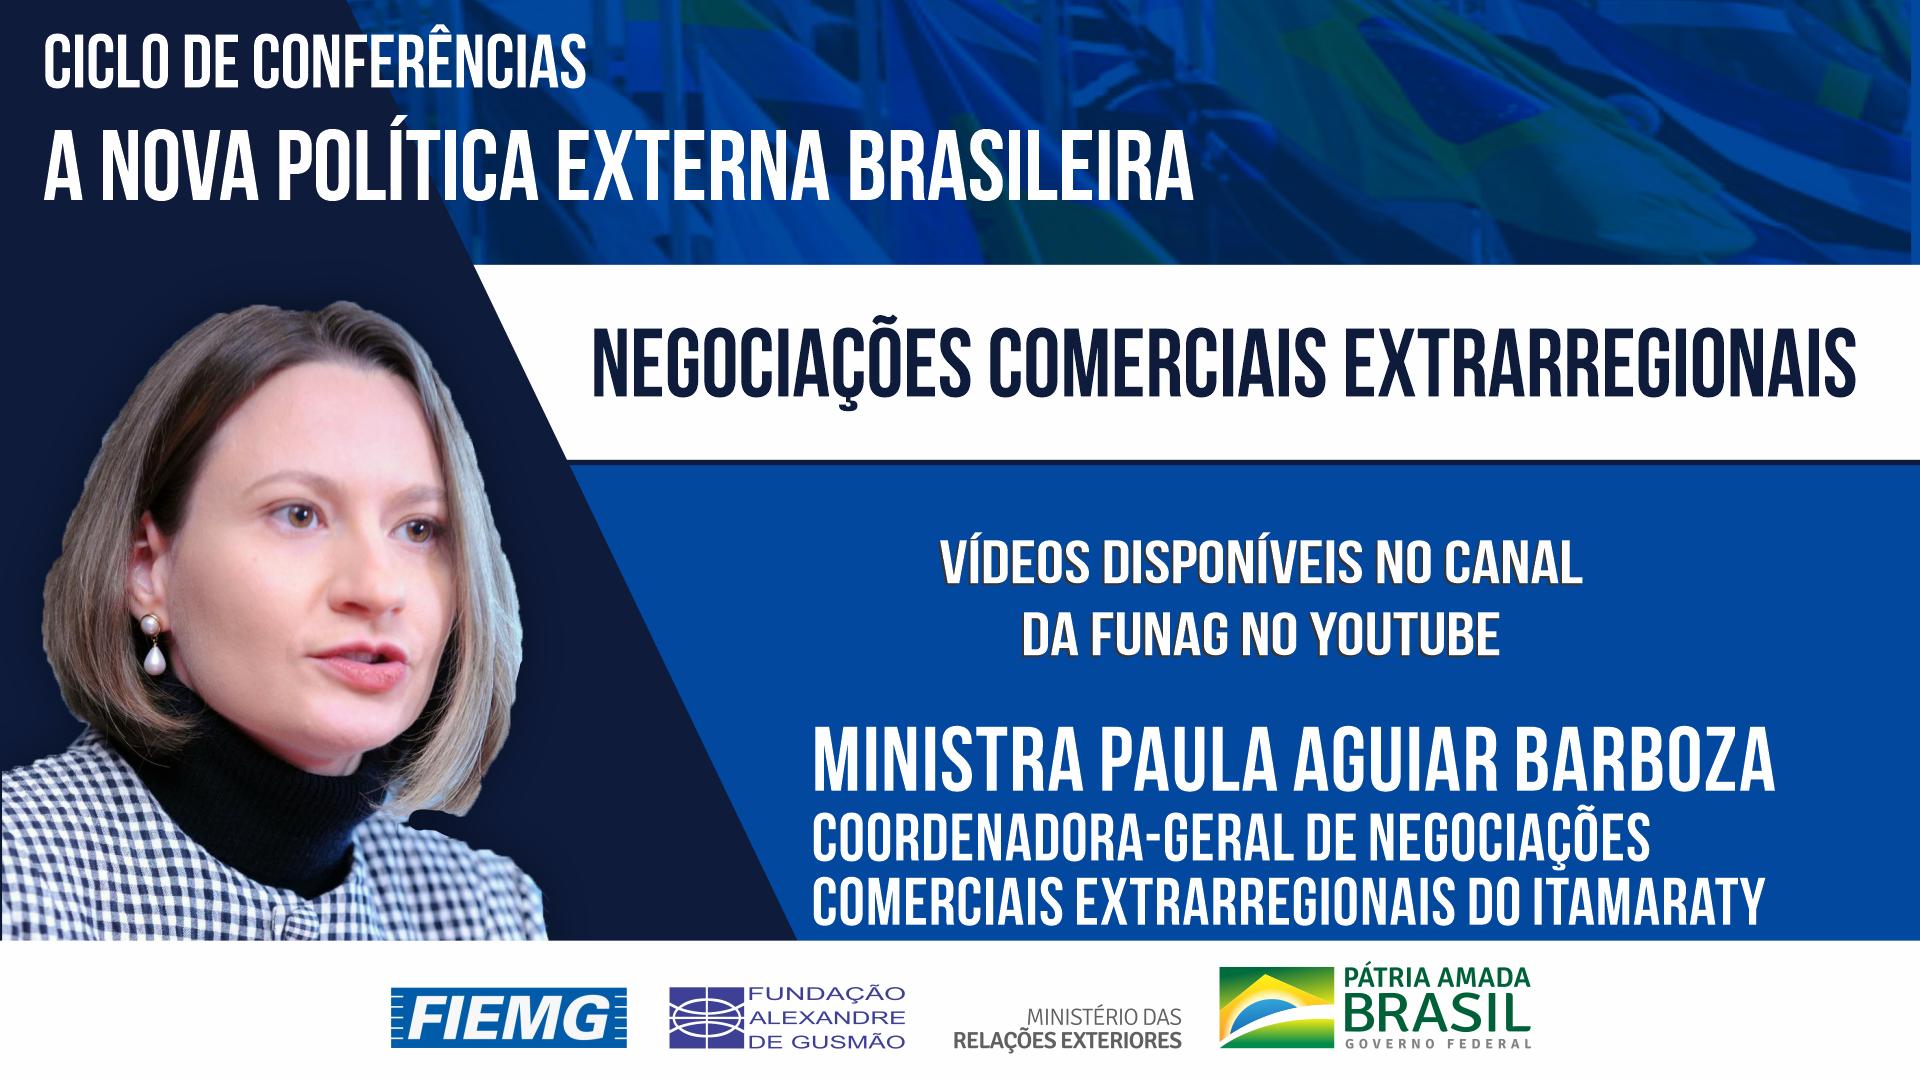 Assista à conferência da coordenadora-geral de Negociações Comerciais Extrarregionais do Itamaraty, ministra Paula Aguiar Barboza